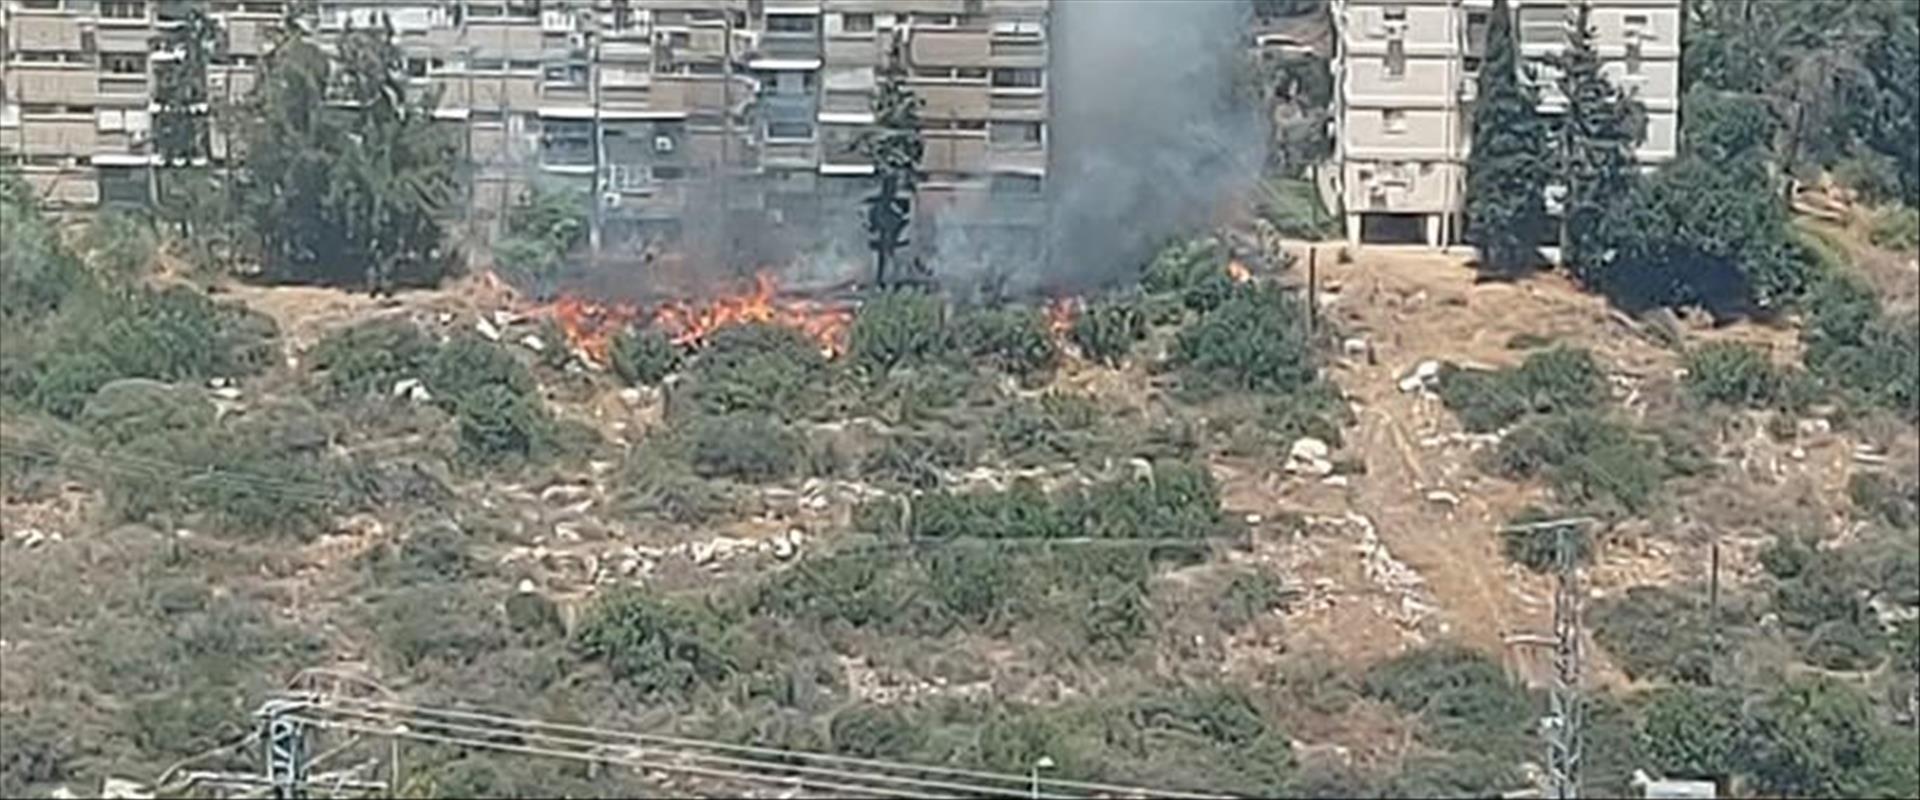 שריפת קוצים ברחוב גדליהו בחיפה